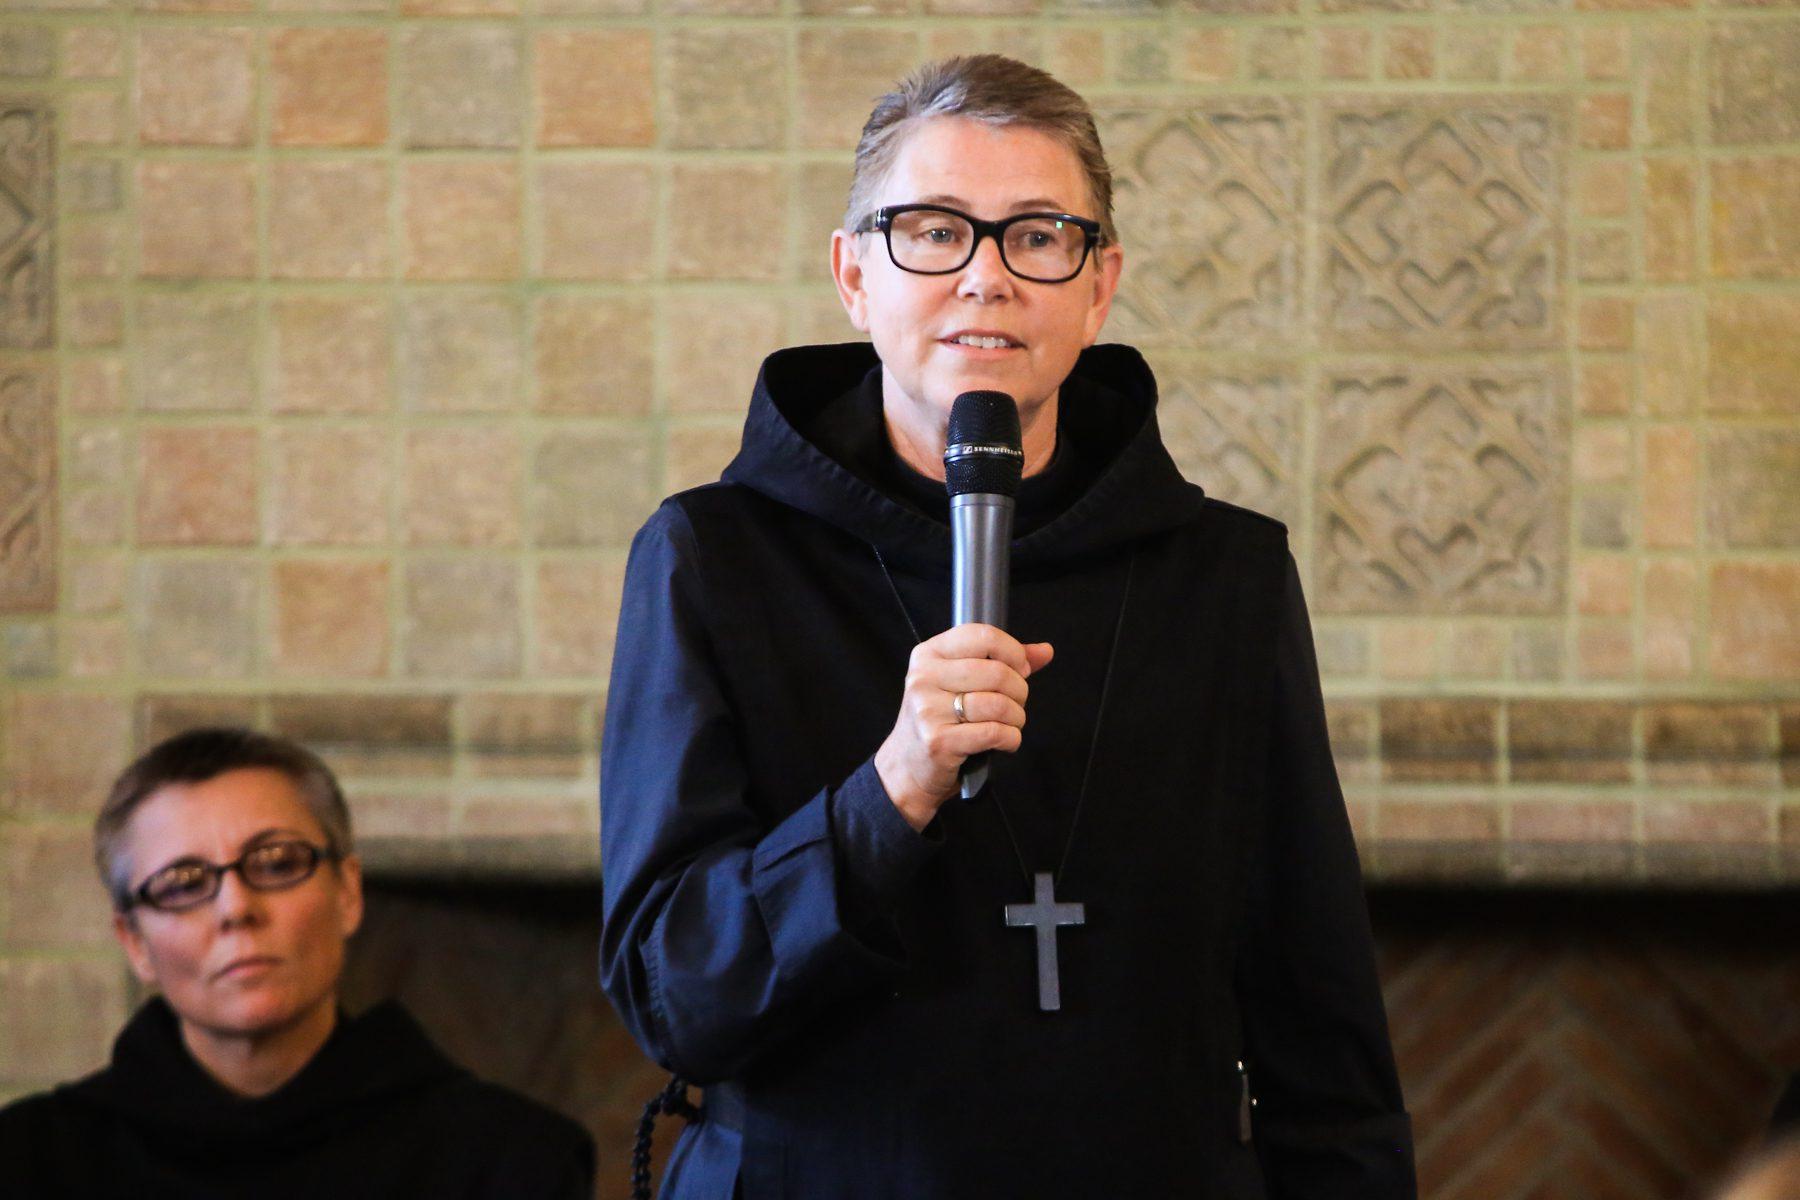 Sr. Greta Ronningen prison chaplain